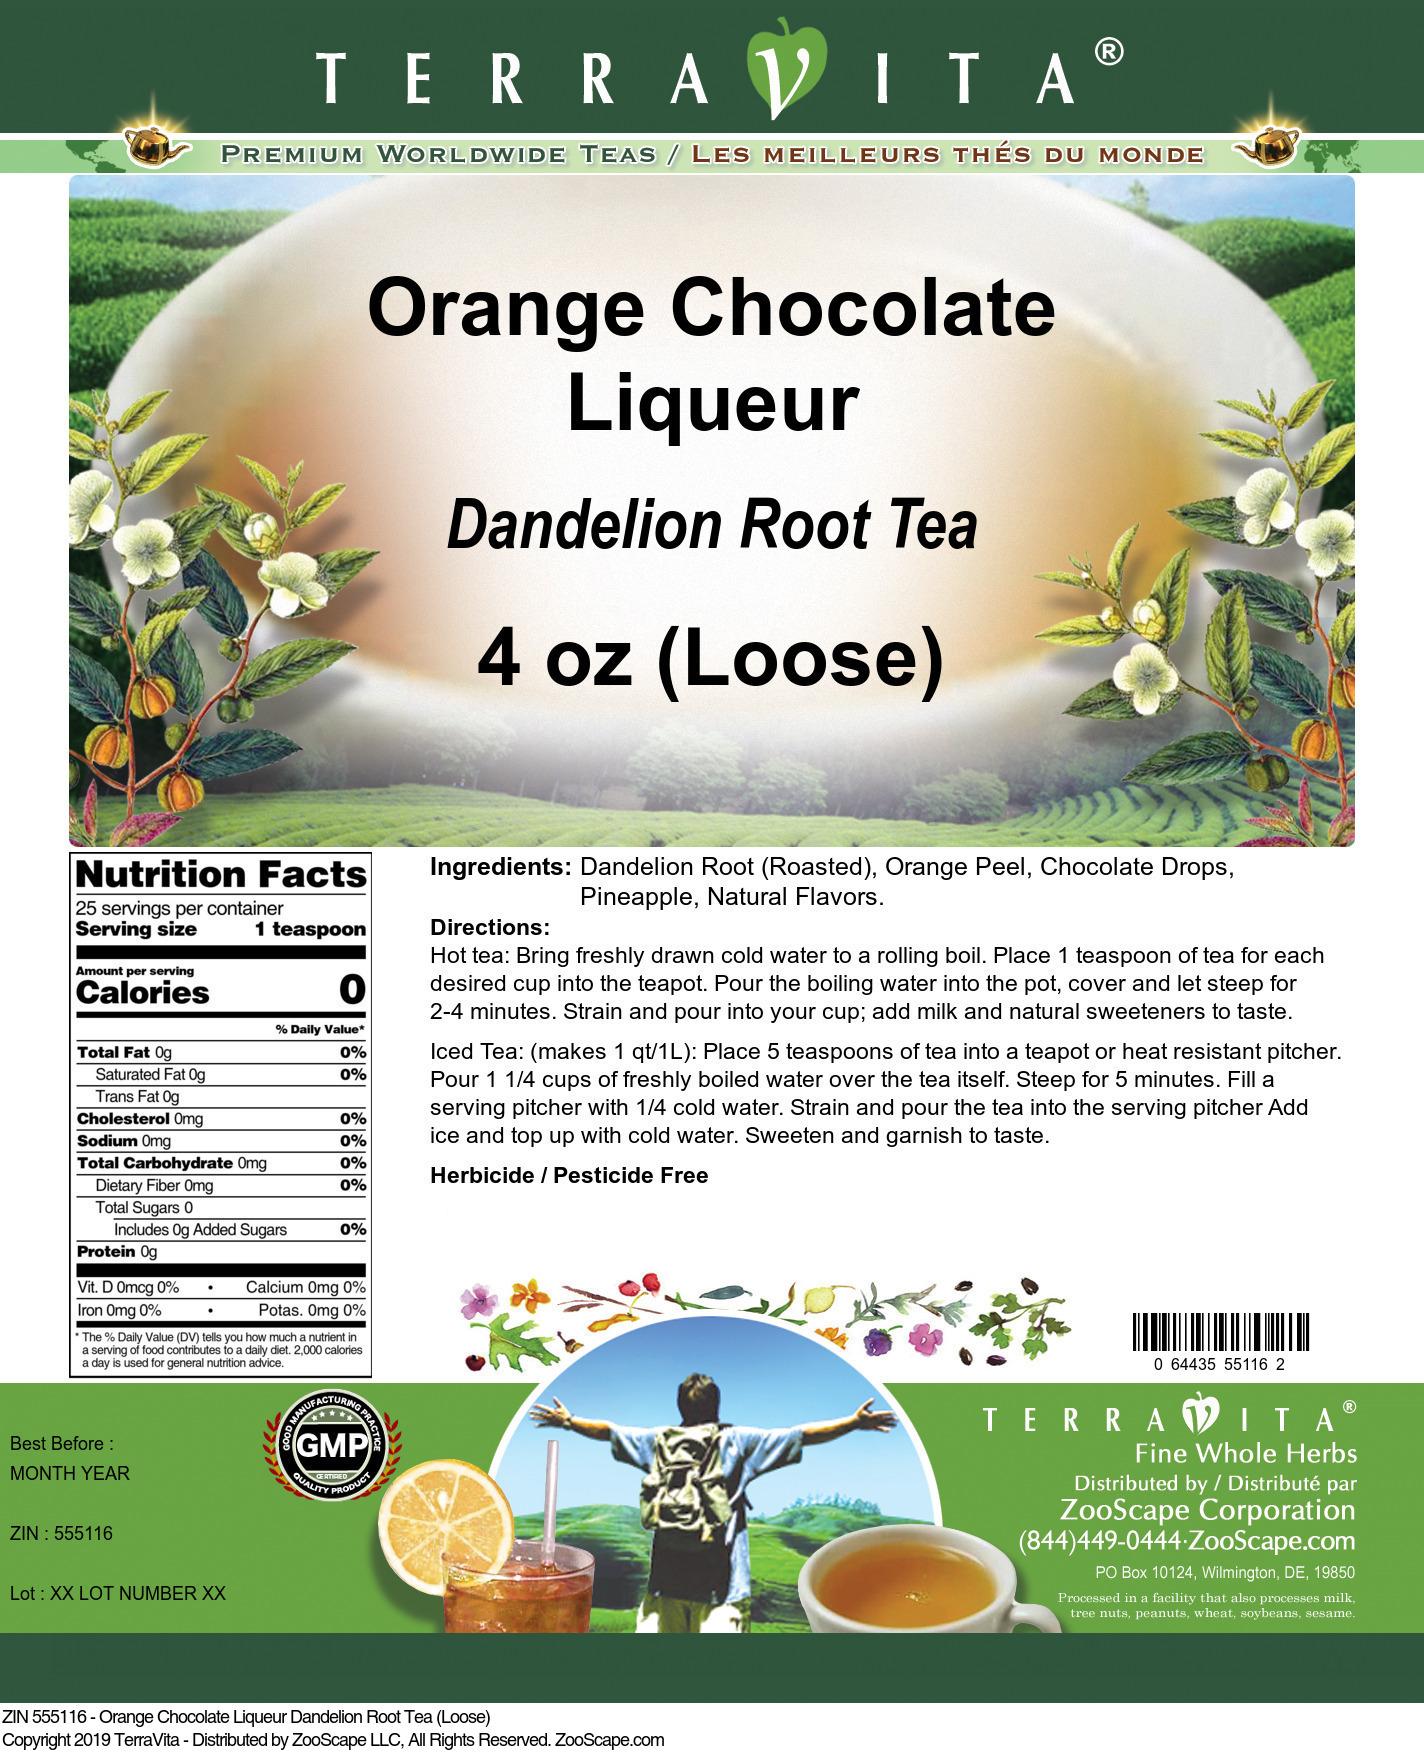 Orange Chocolate Liqueur Dandelion Root